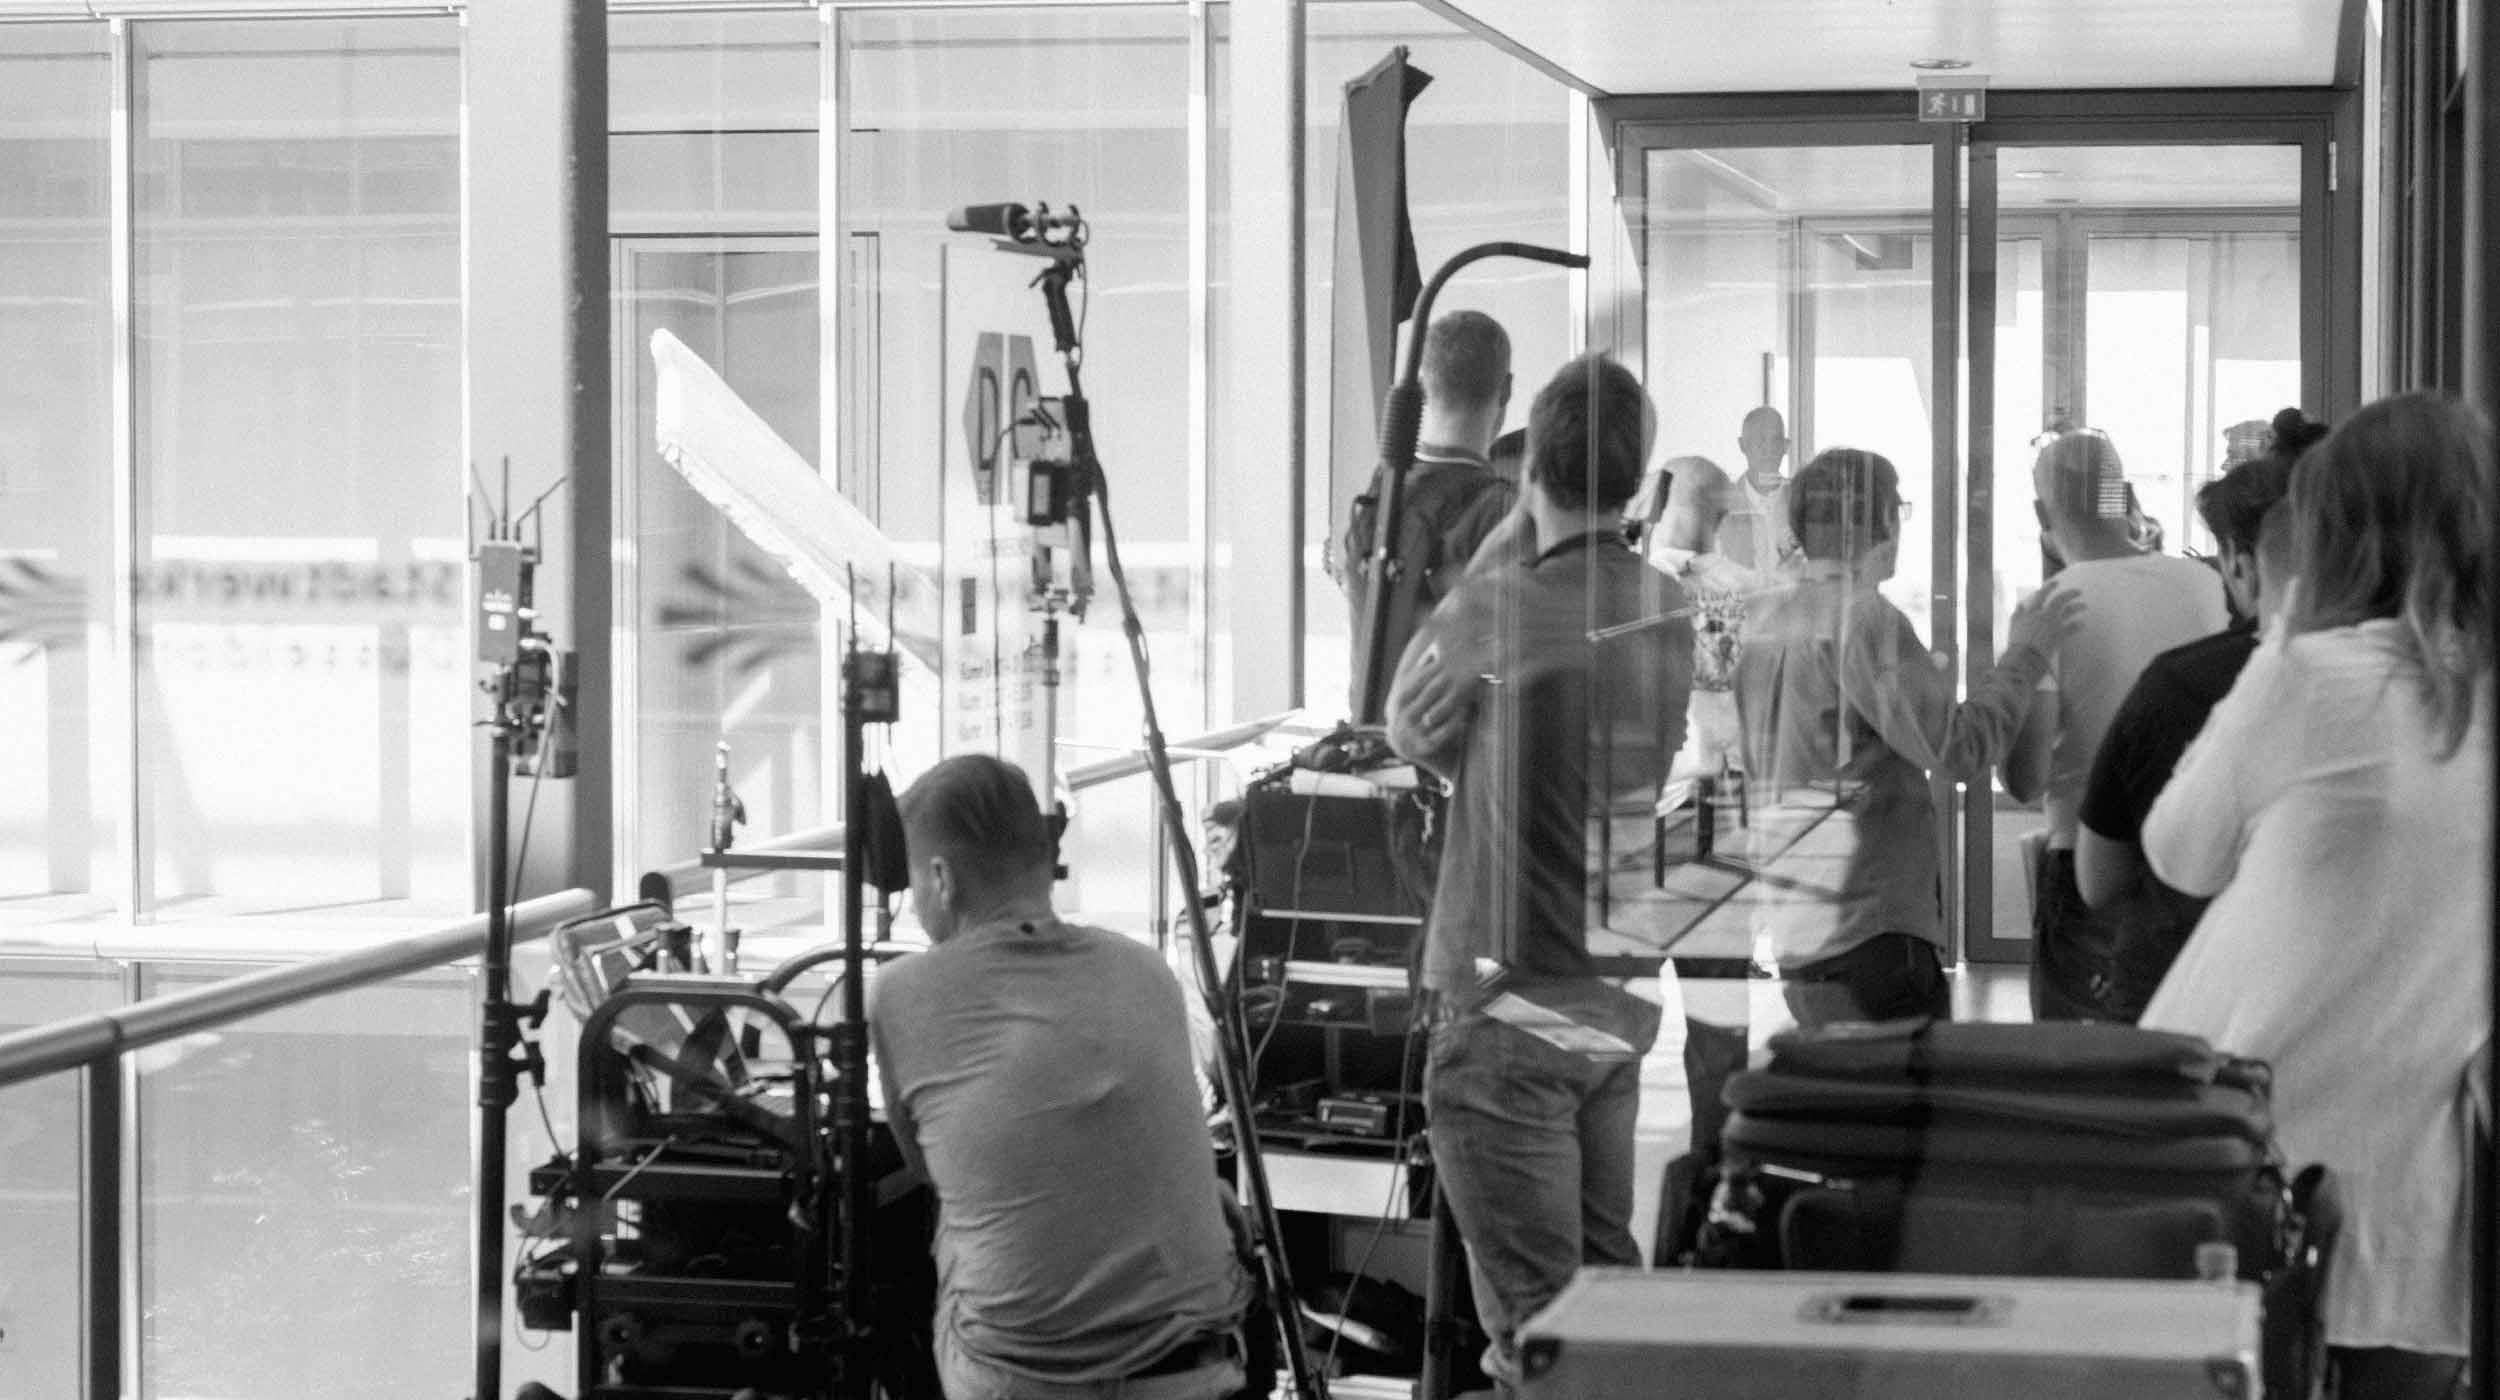 neiser filmproduktion Videoproduktion set location regisseur kameramann Produktion Vorbereitung crew team office düsseldorf